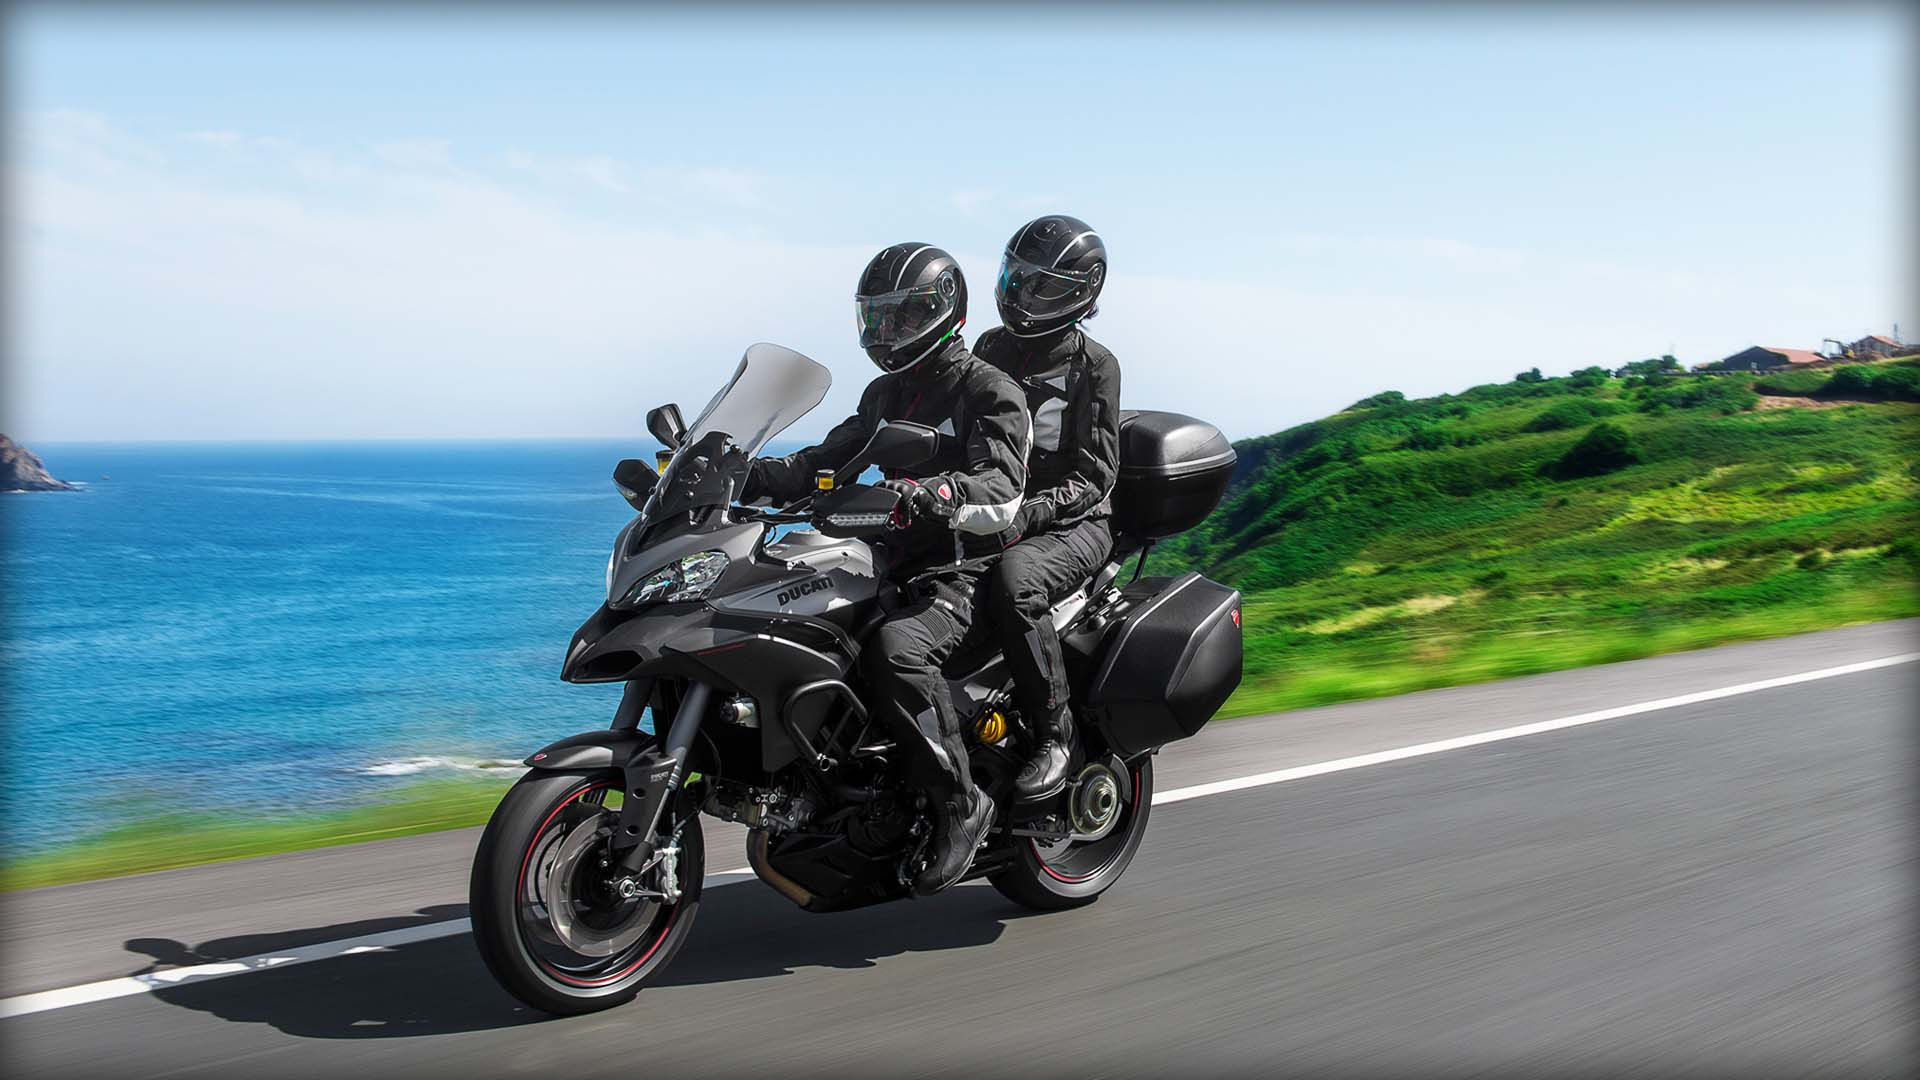 2014 Ducati MULTISTRADA 1200S TOURING | Ducati Multistrada 1200 S Granturismo